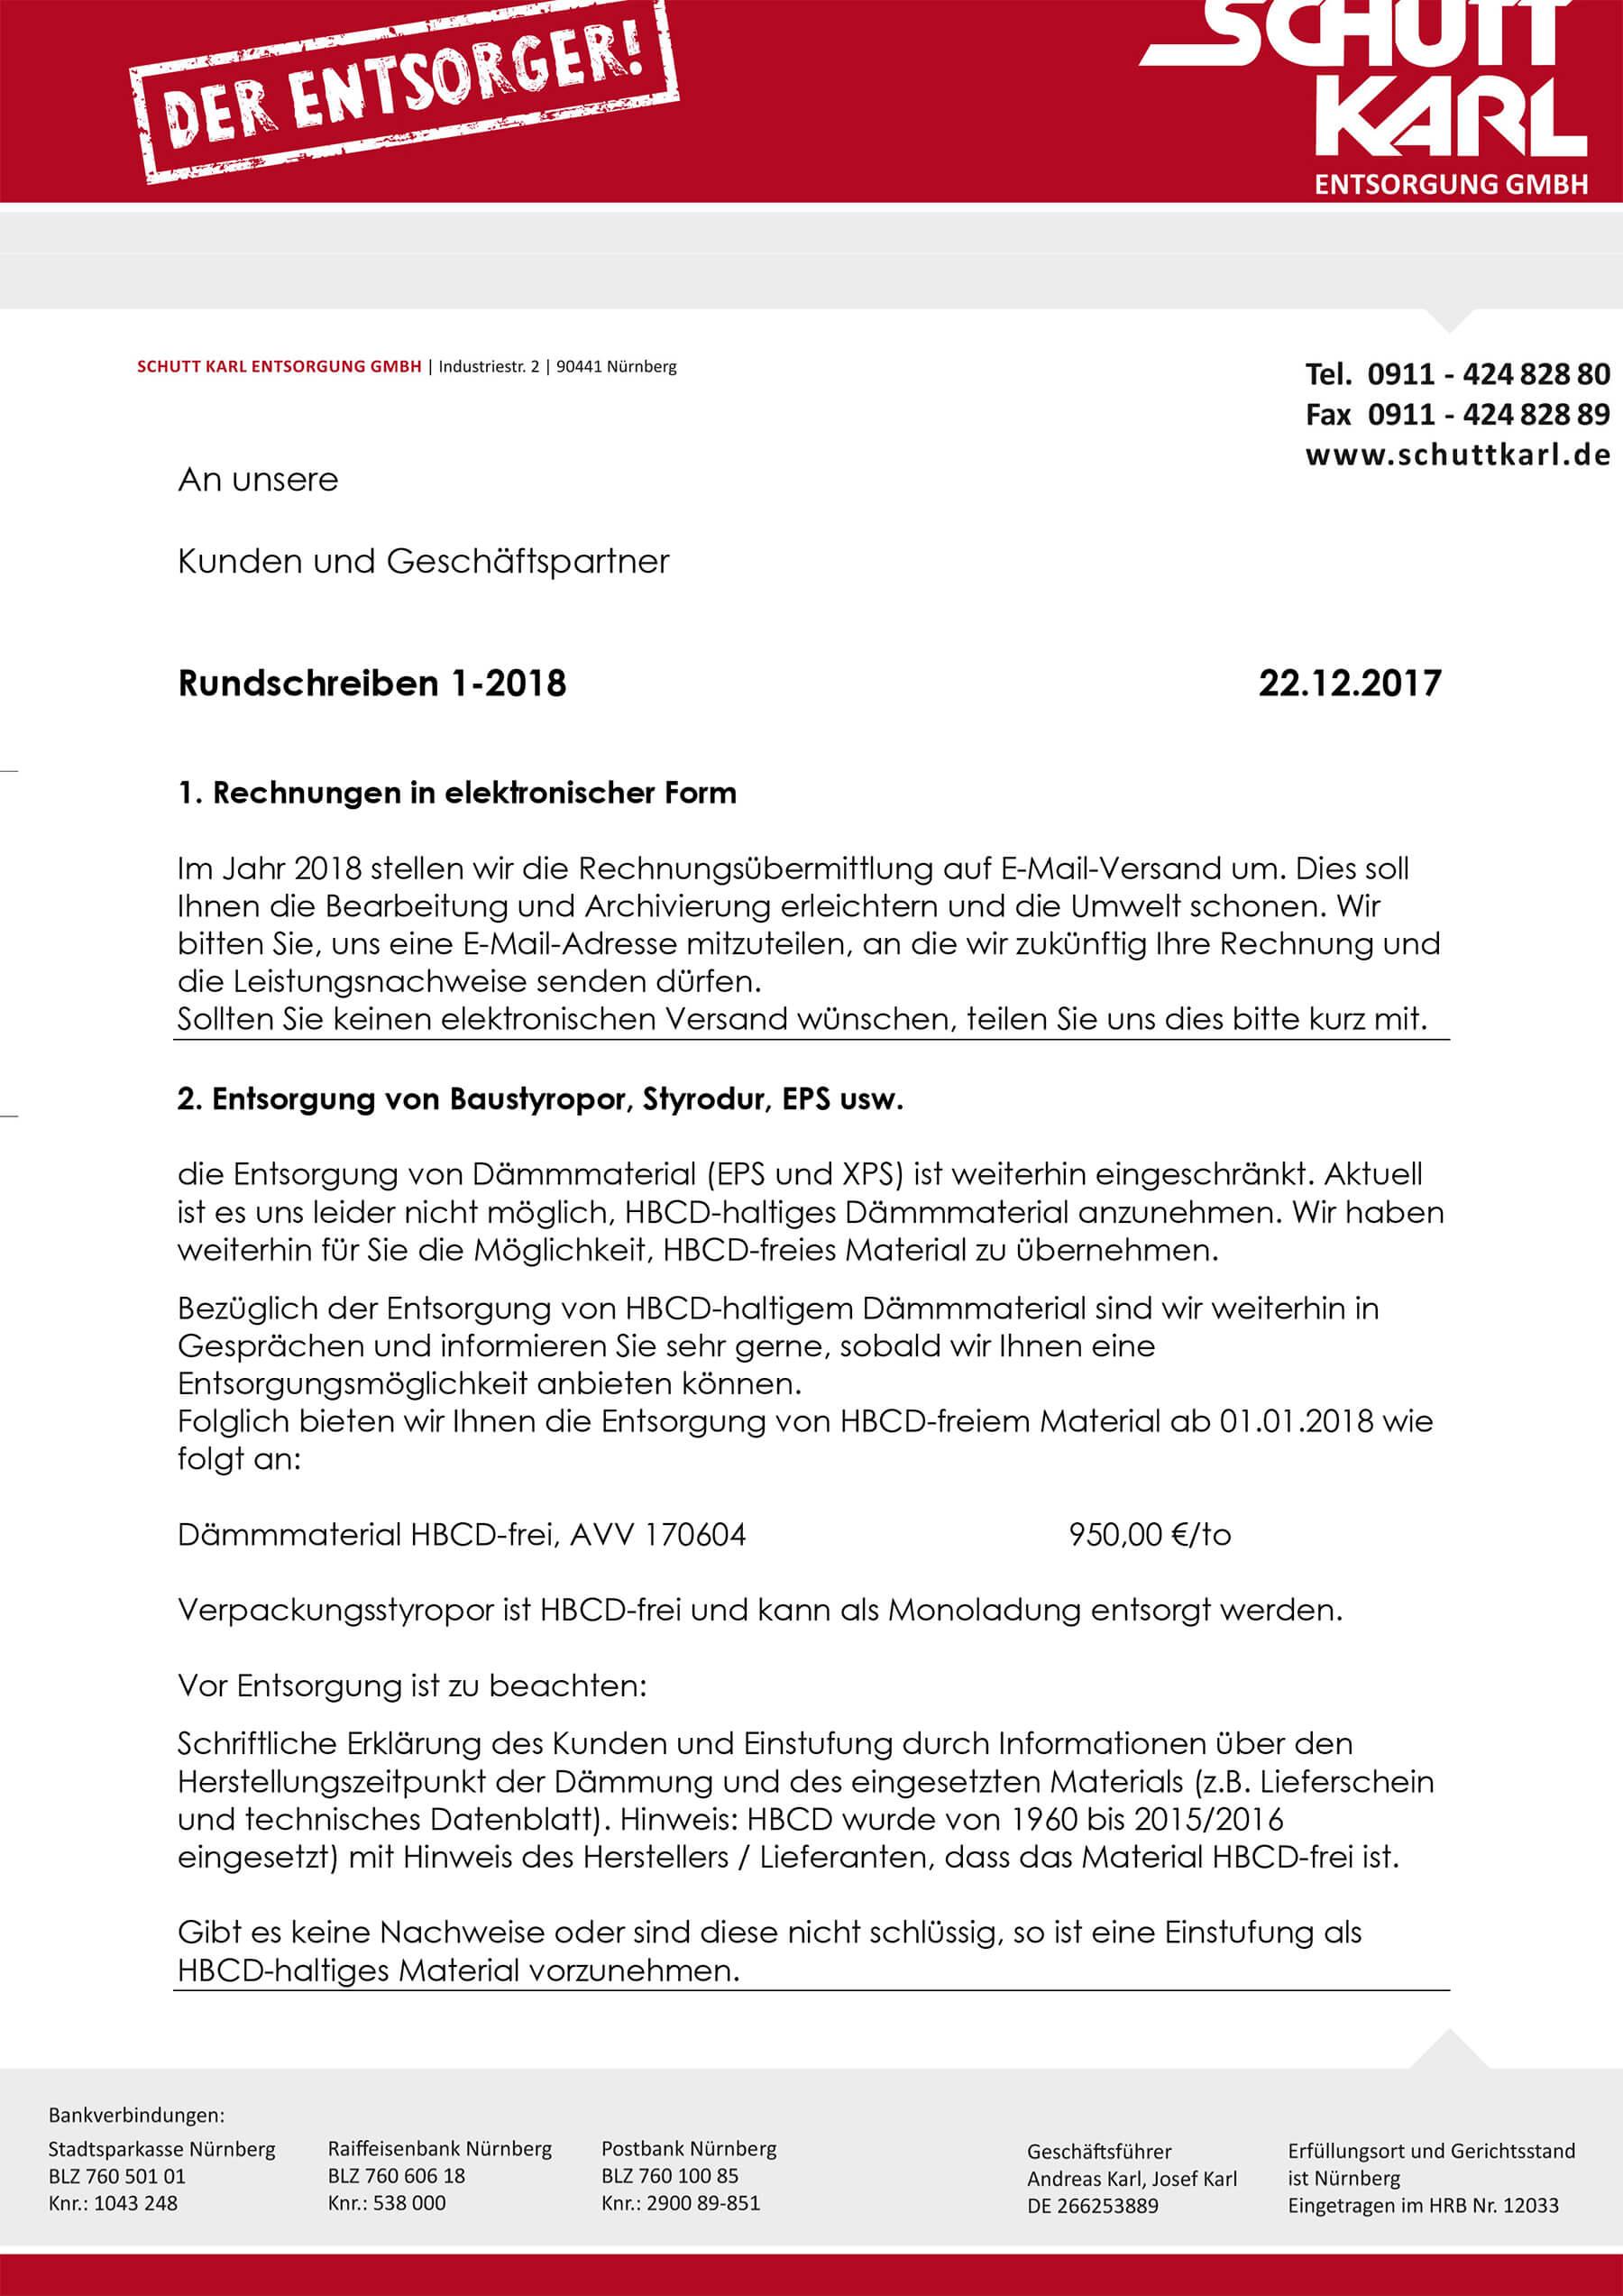 Schutt Karl | Rundschreiben Kunden 2018